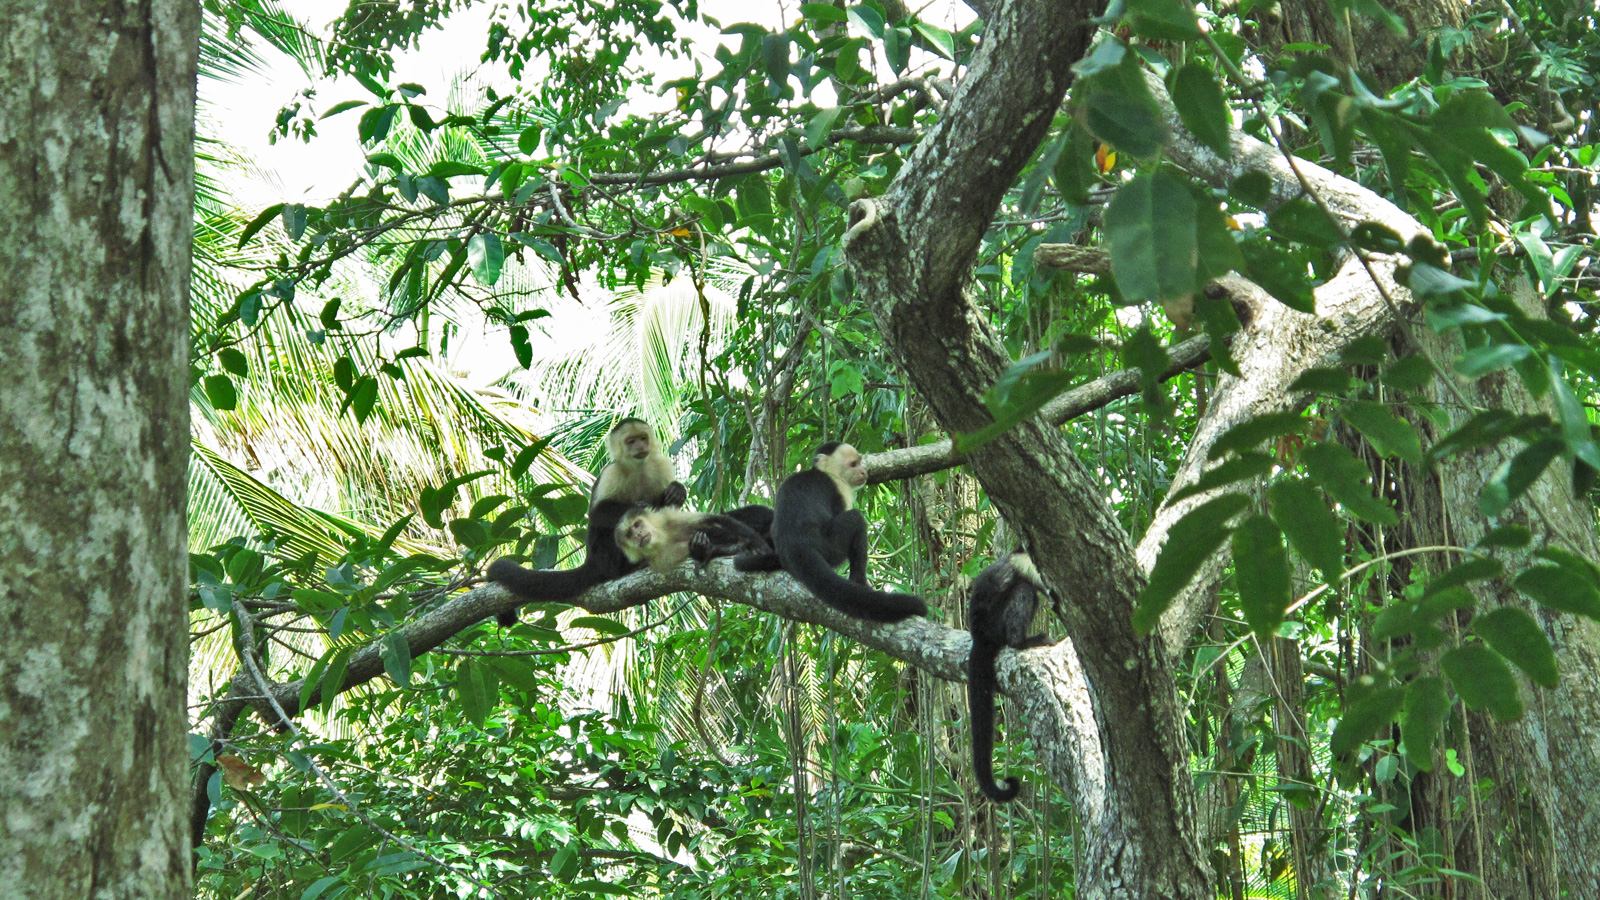 Aktivreise durch Costa Rica Gruppenreise traveljunkies